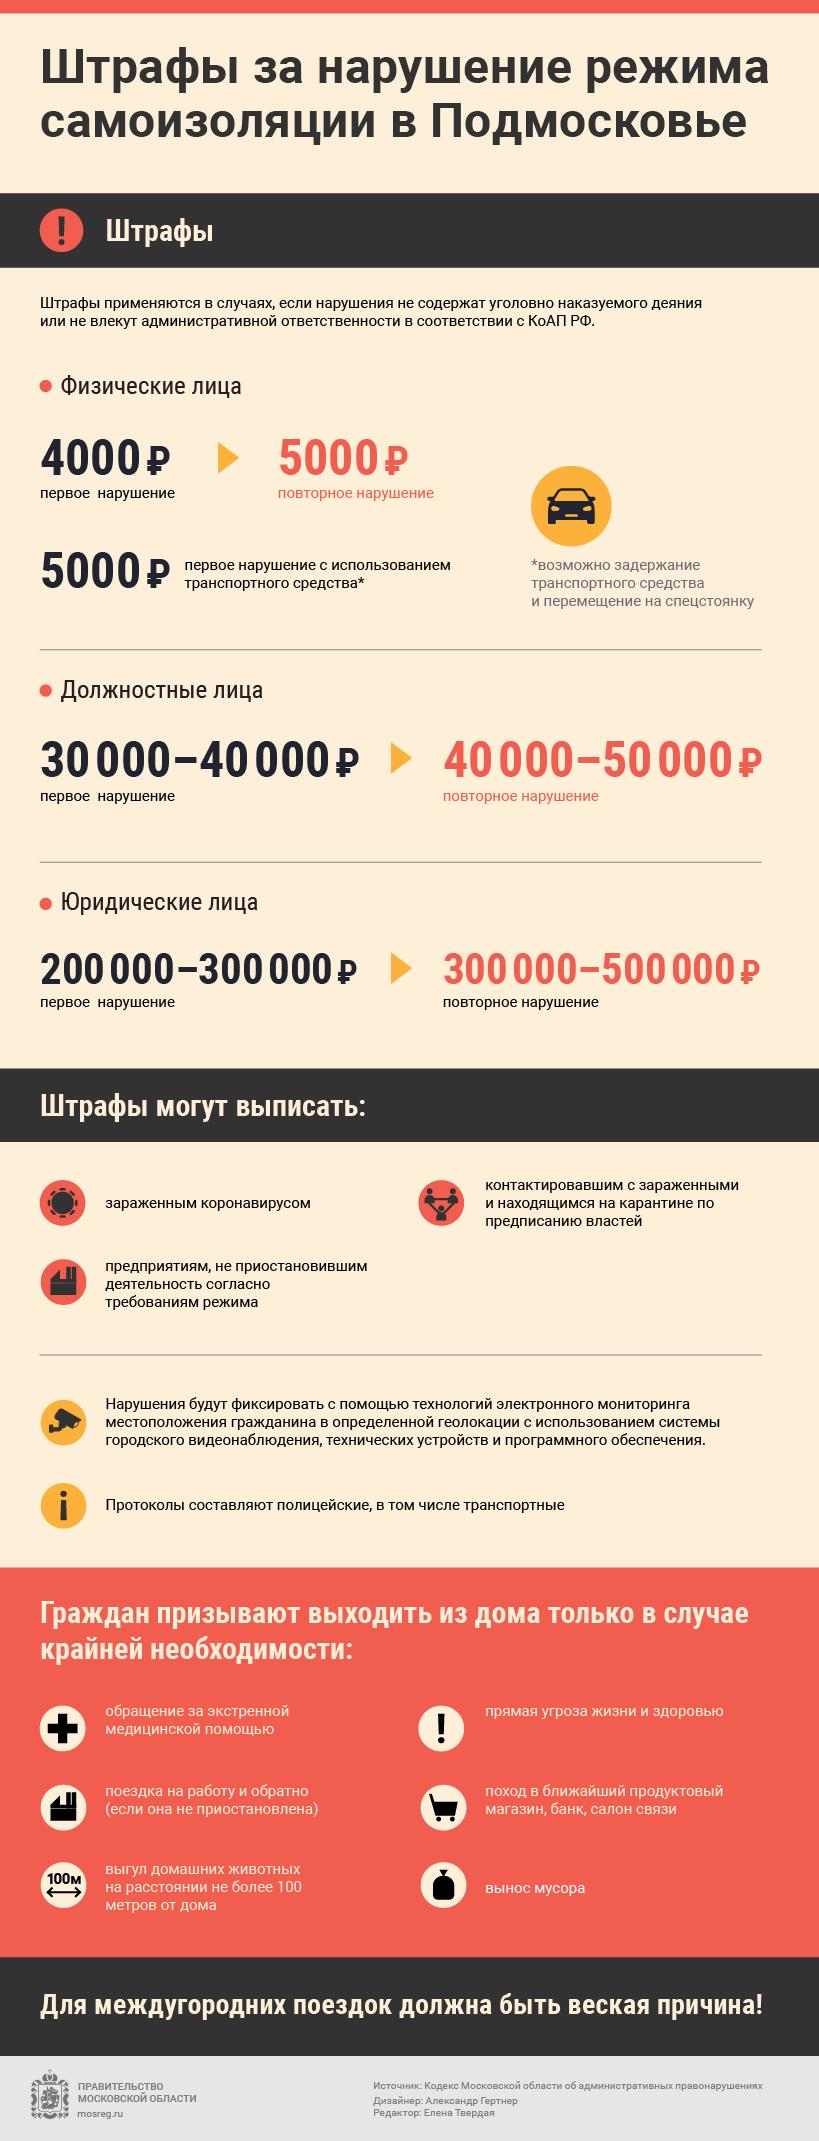 Штрафы за нарушение режима самоизоляции в Московской области